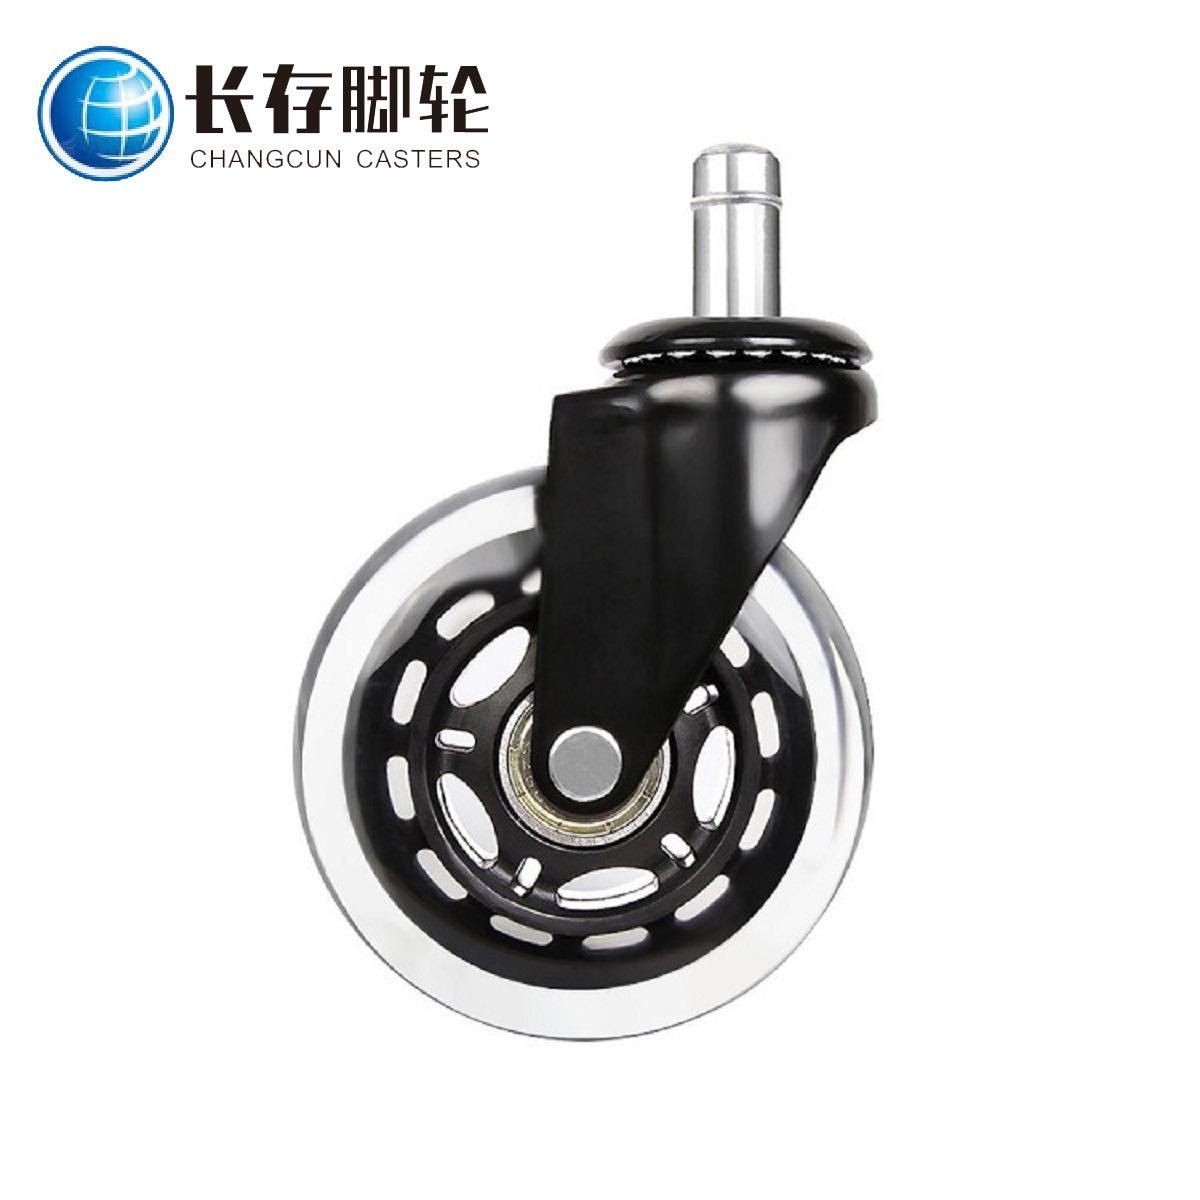 CHANGCUN bánh xe đẩy(Bánh xe xoay) Bánh xe chuyên dụng xuyên biên giới 2,5 inch pu bánh xe trong suố